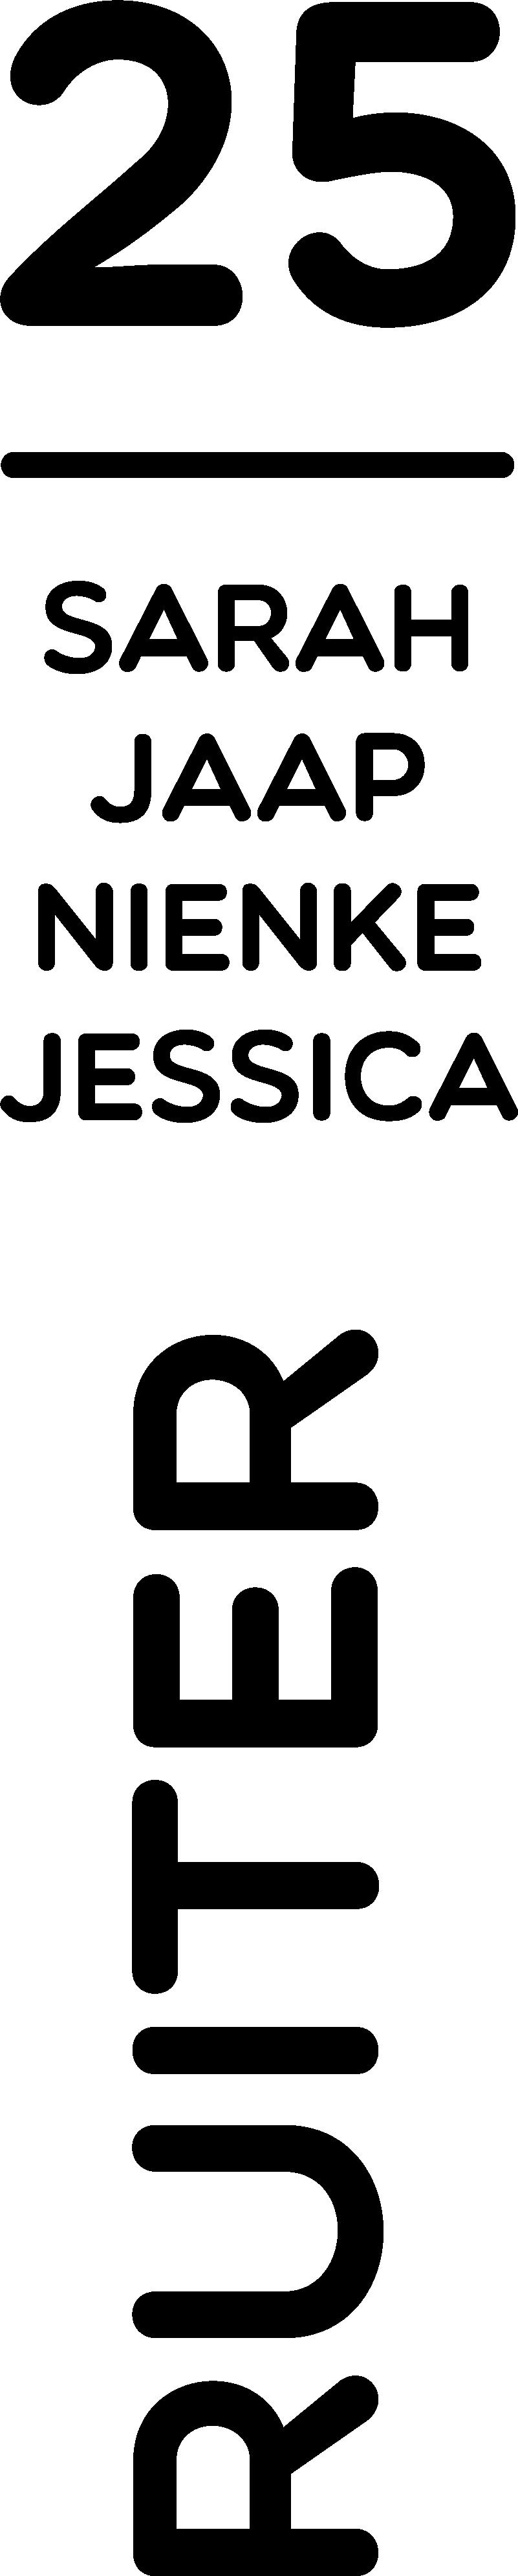 TenStickers. Muurstickers tekst Adres, familienaam en huisnummer. Een leuk raamsticker adres ontwerp voor uw woning. Originele en handige raamstickers adres, adres stickers en huisnummer raamstickers!